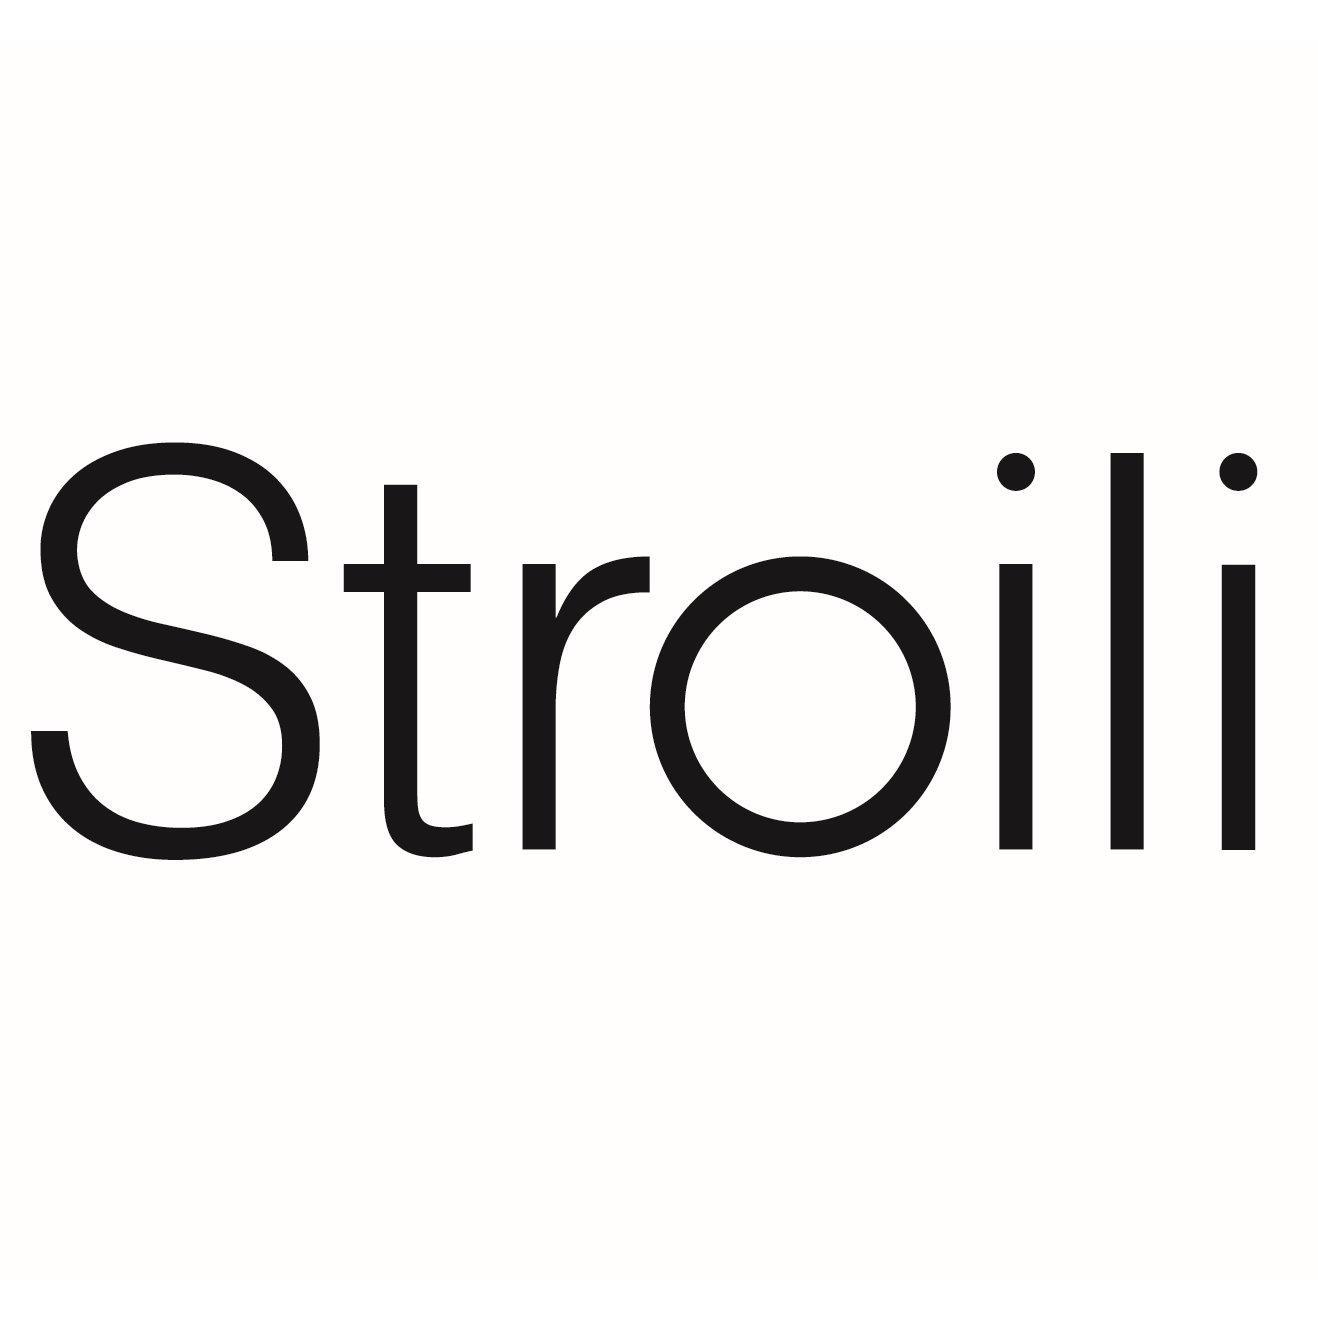 Gioielleria Stroili Corner Coin - Gioiellerie e oreficerie - vendita al dettaglio Como